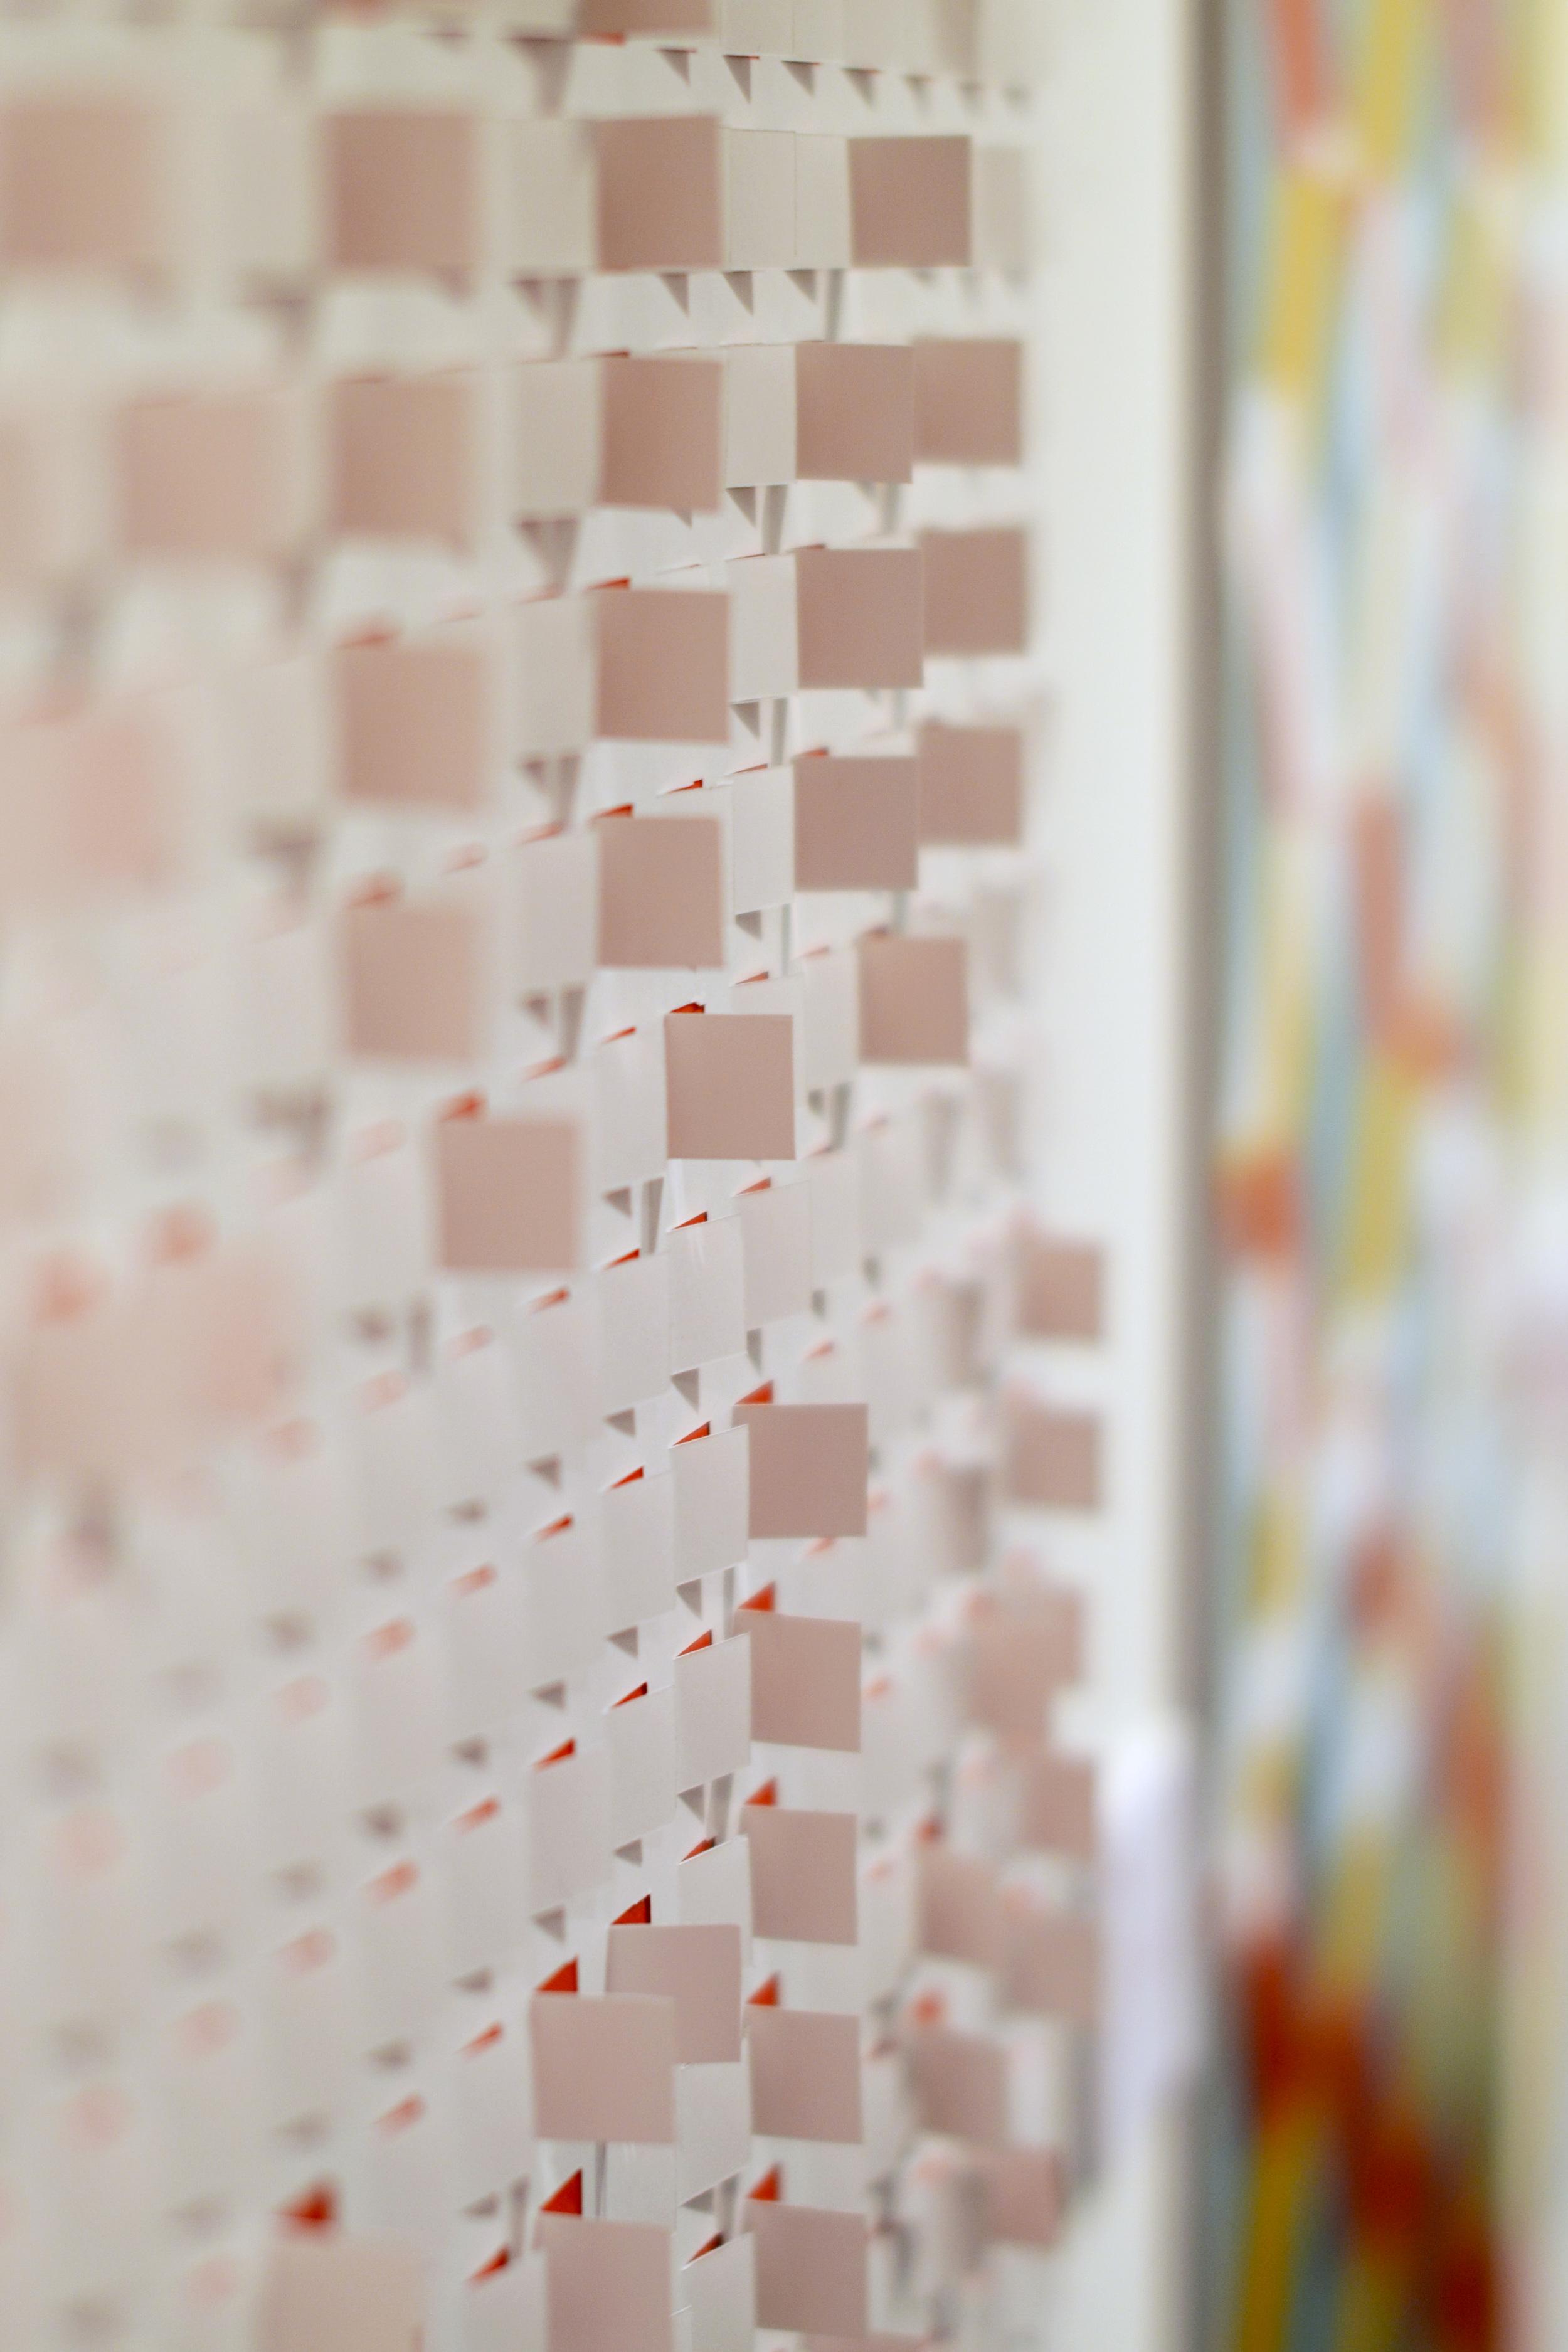 pixelposter_01.jpg